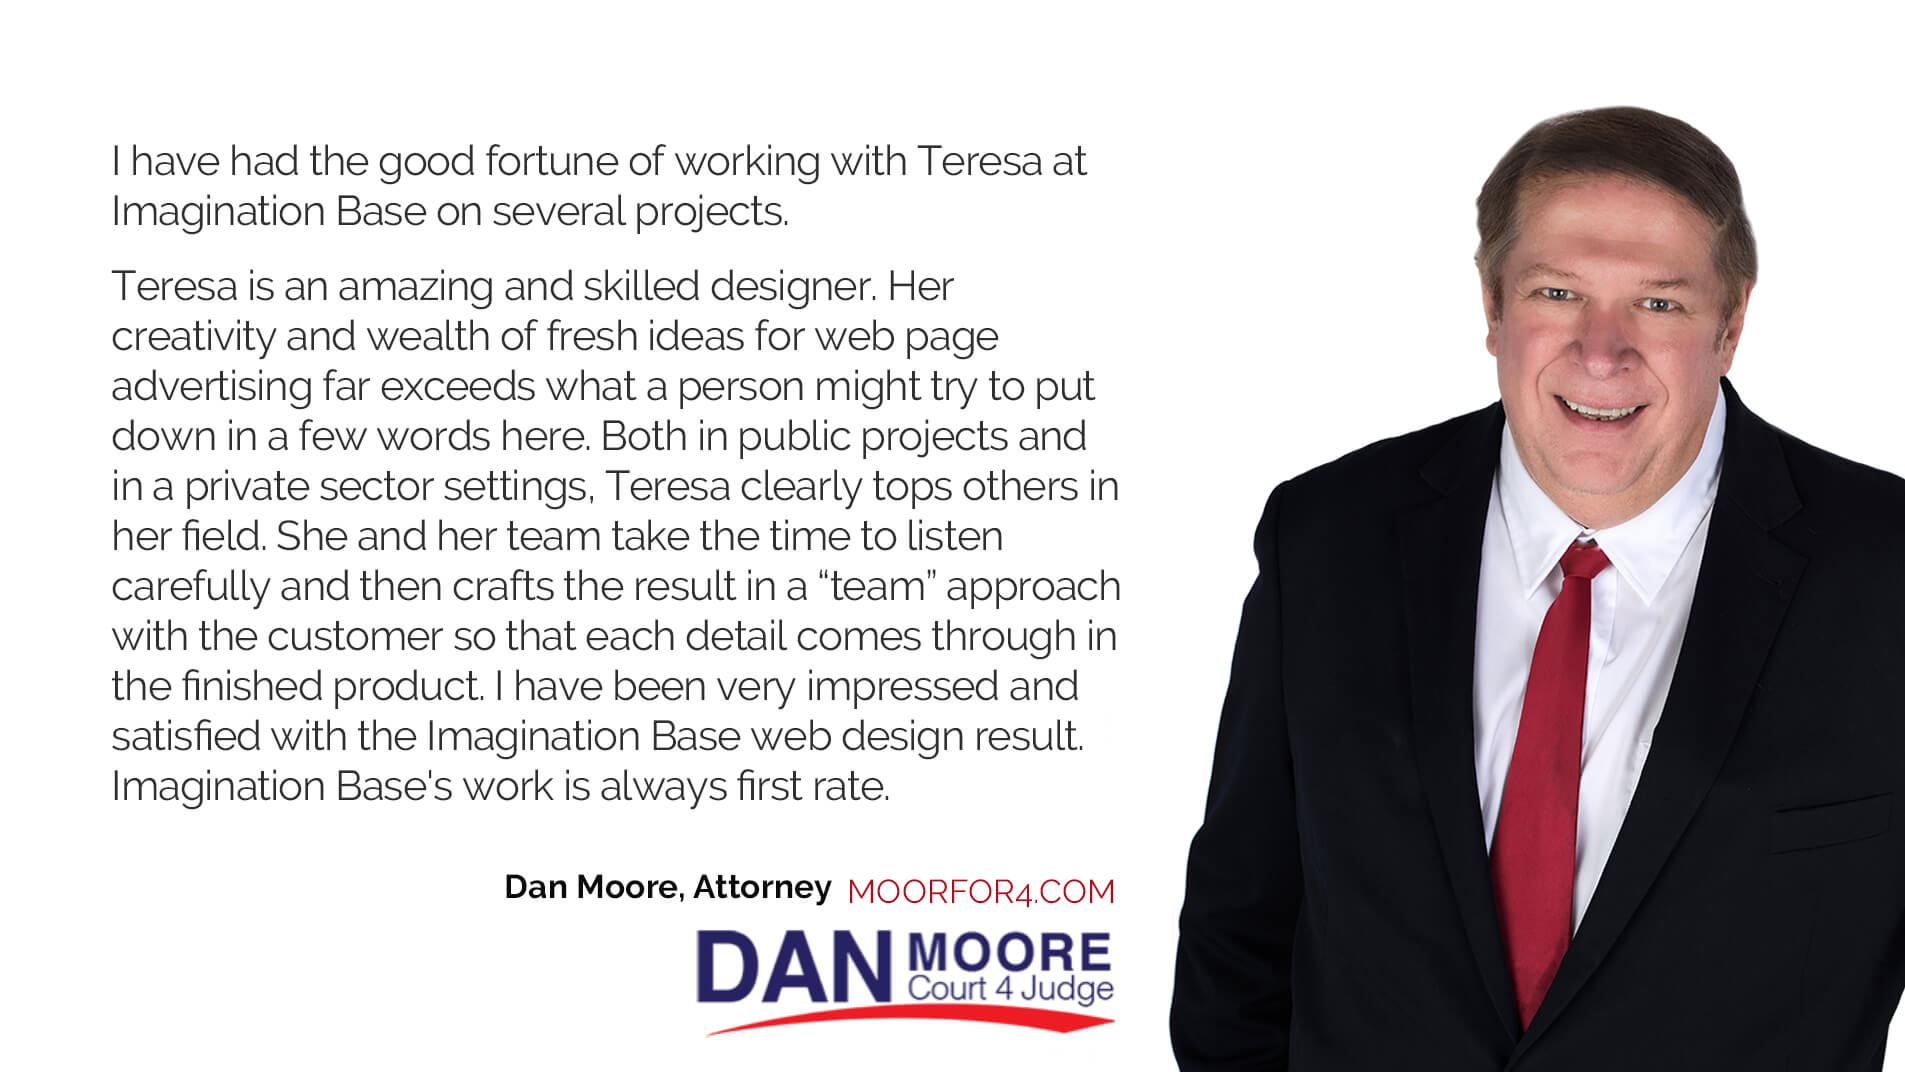 Testimonial from Dan Moore